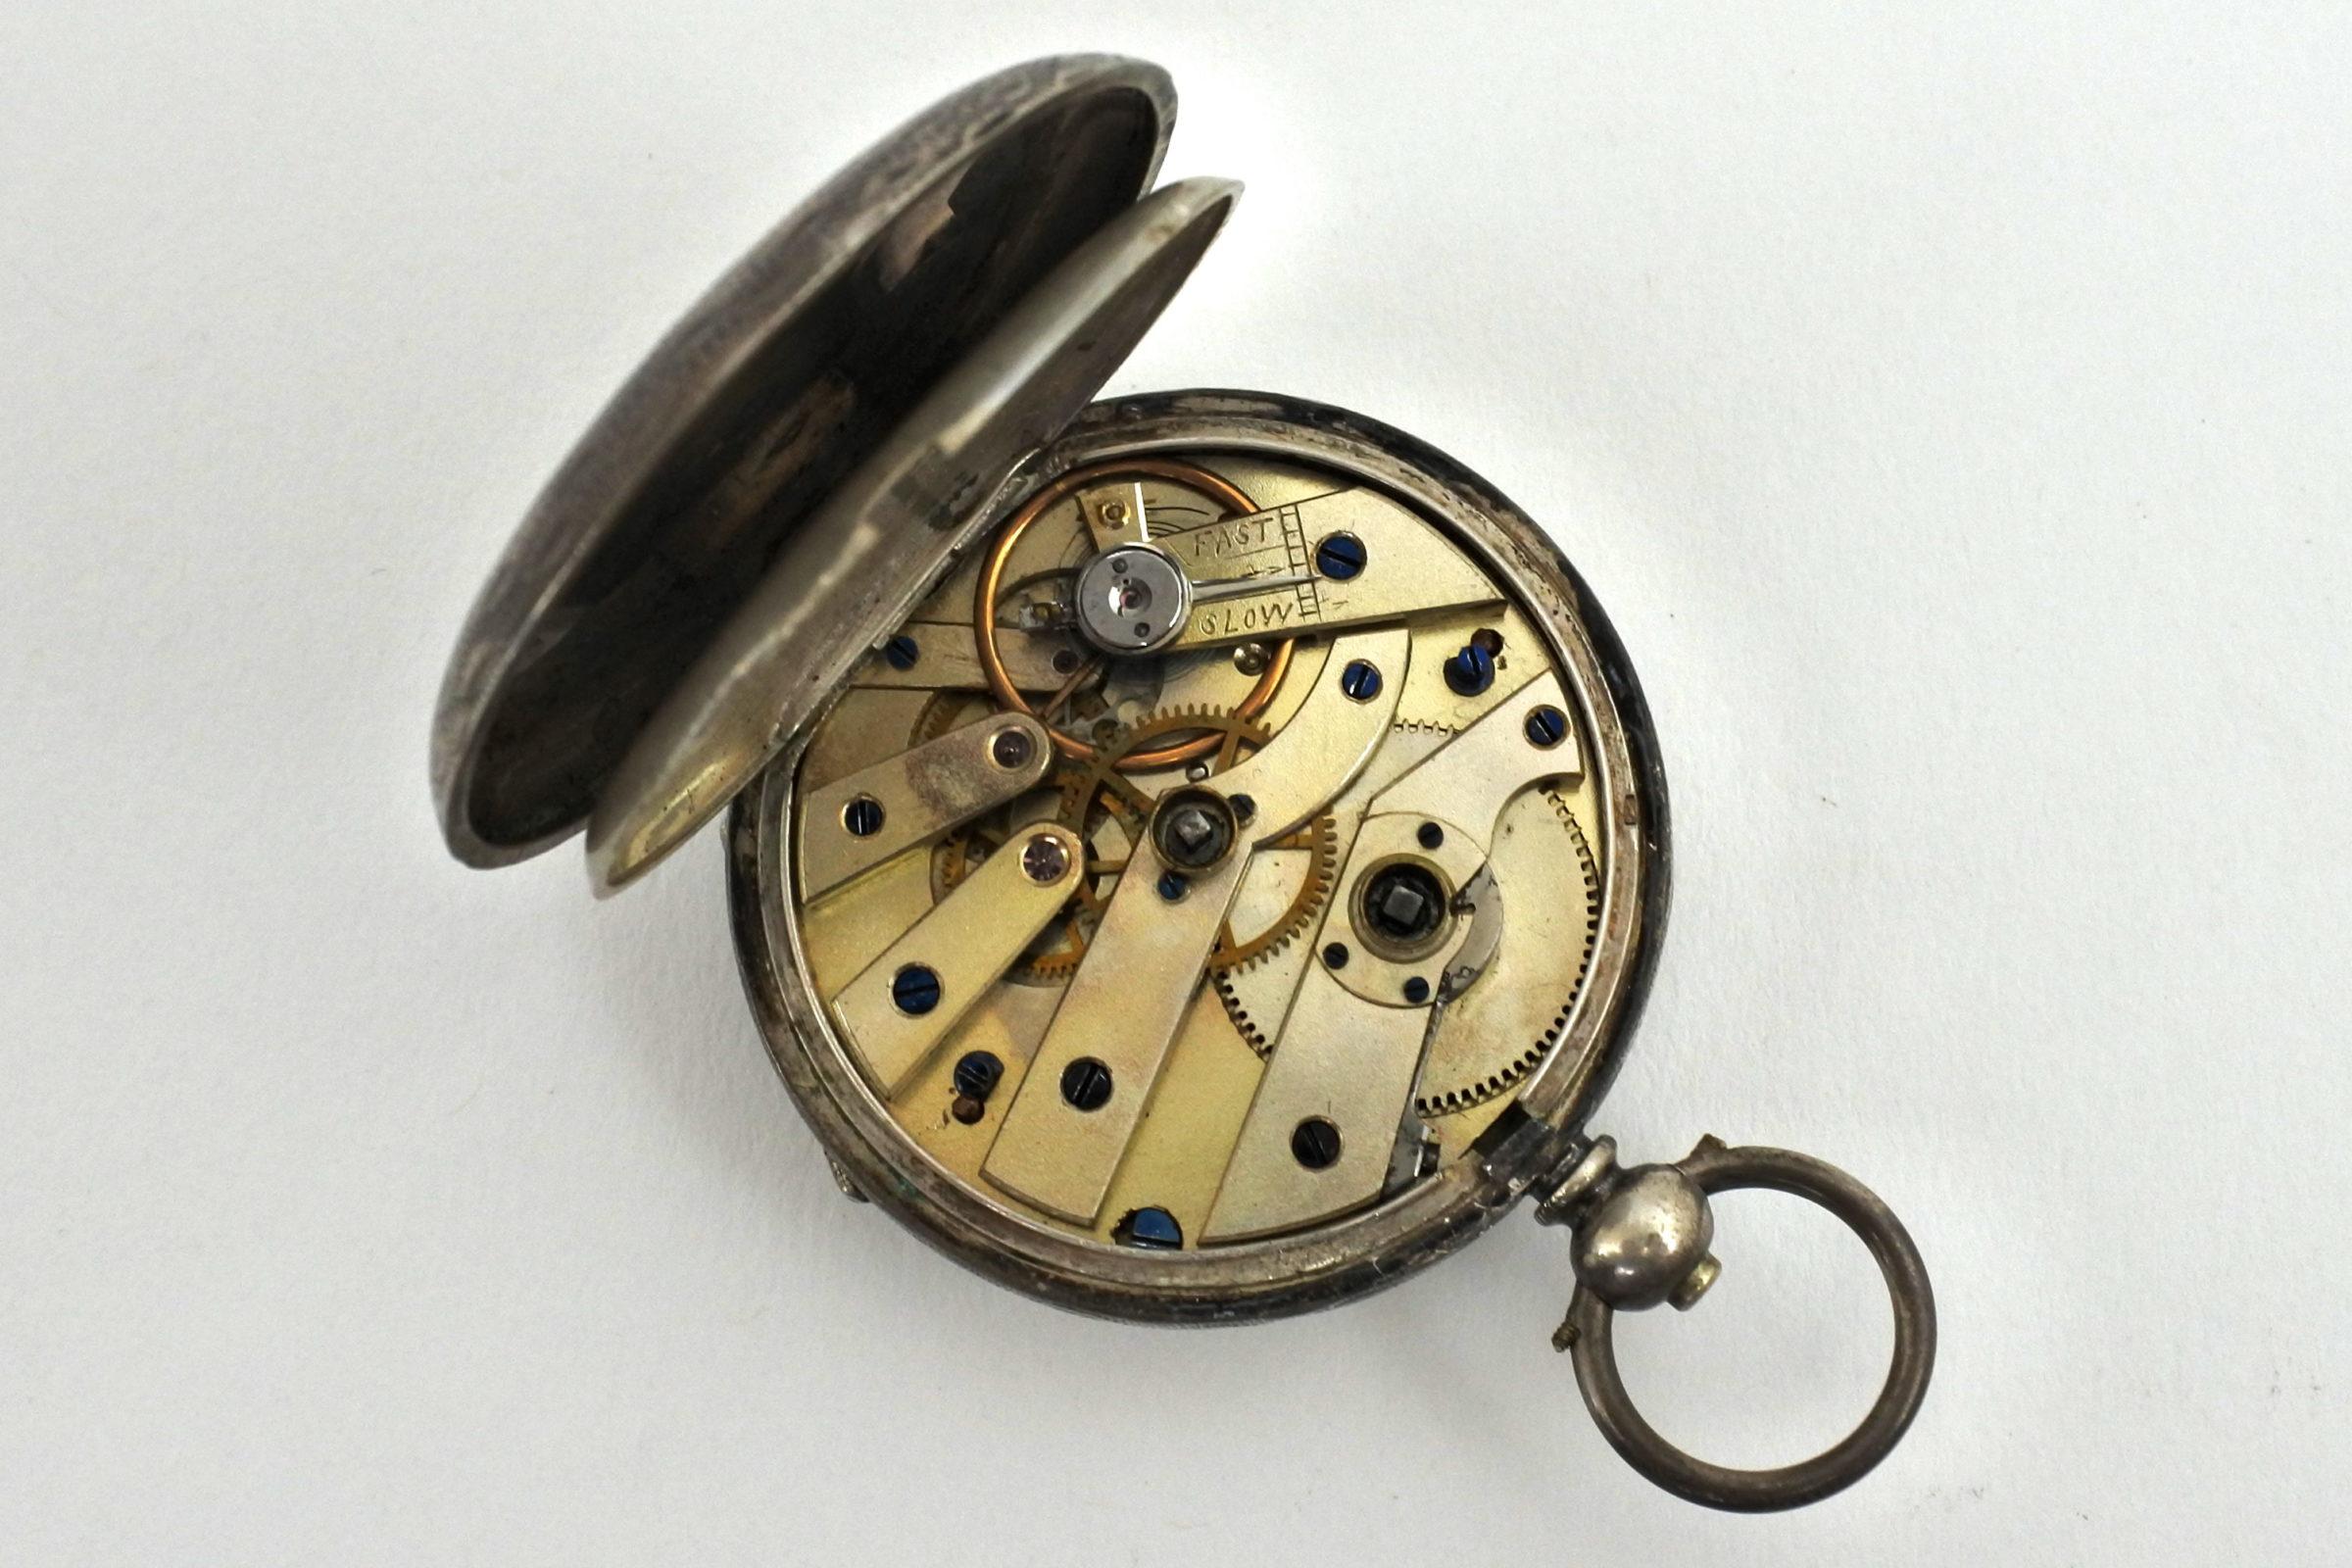 Orologio da tasca in argento con carica a chiavetta. Diametro cassa 40 mm - 3